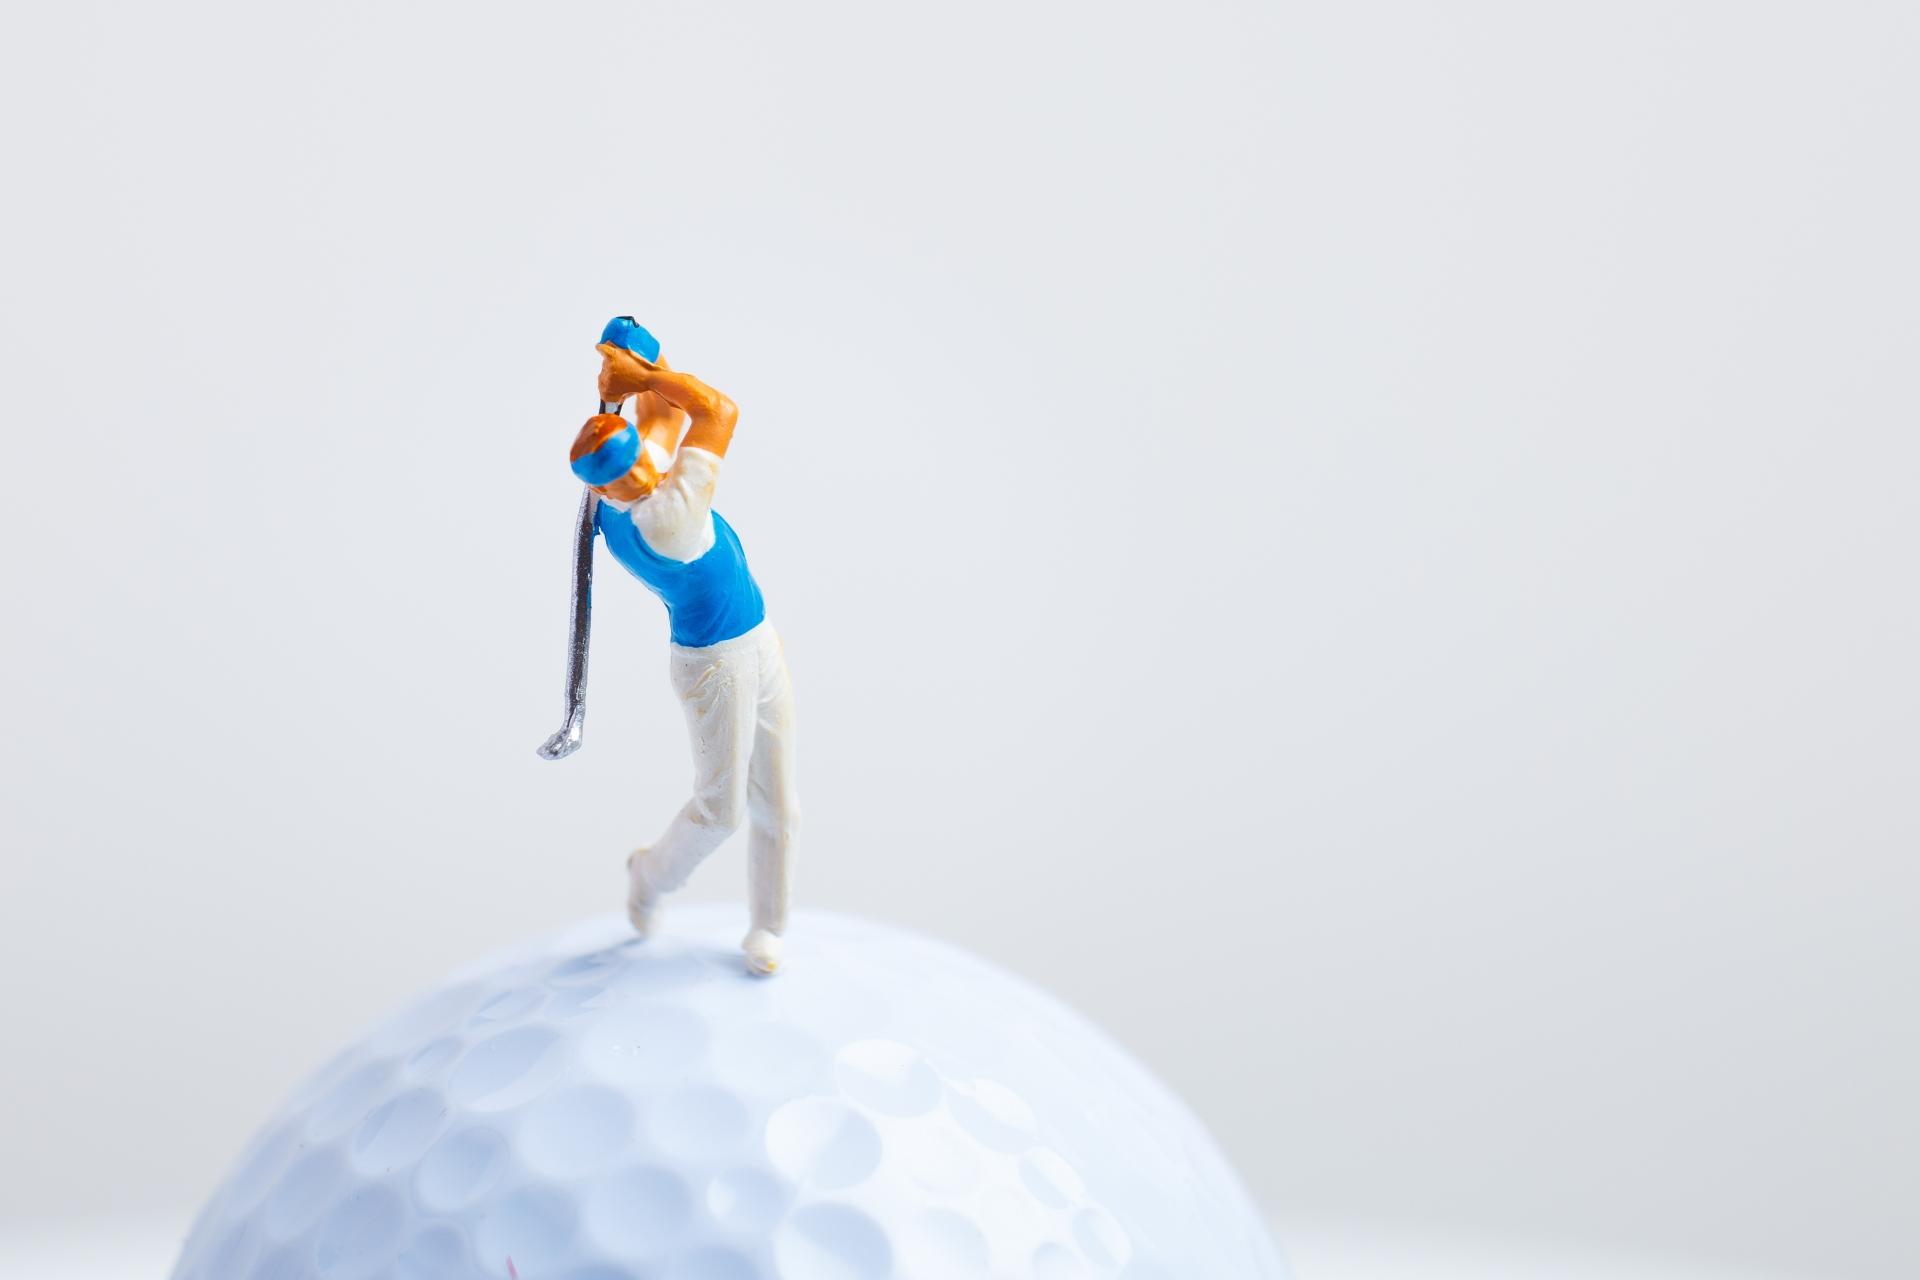 ゴルフのルールで人のクラブと間違えたり借りて打った場合のペナルティは?